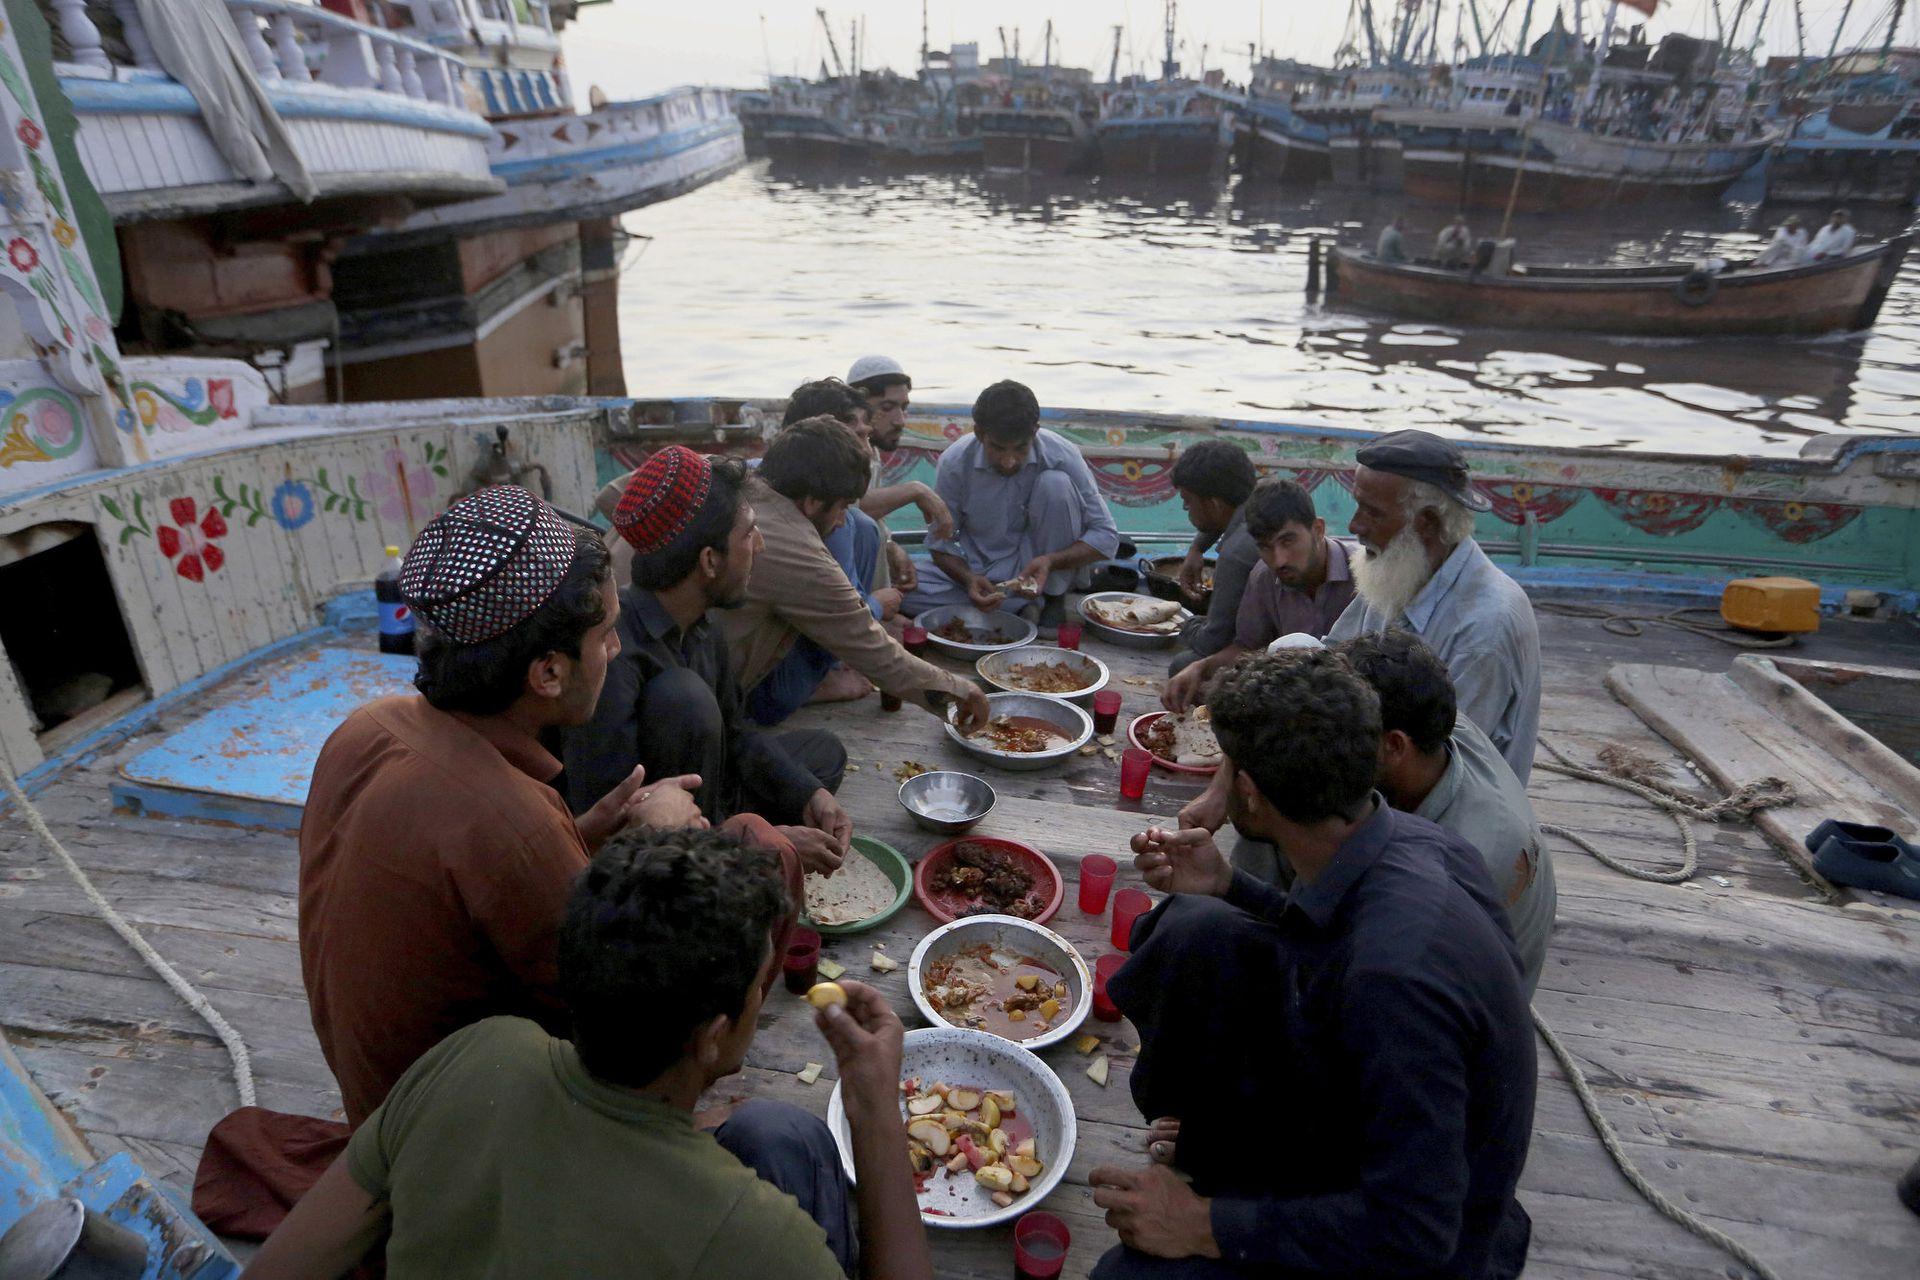 Pescadores rompen su ayuno dentro de un barco, en un astillero ubicado en Karachi, Pakistán, el martes 20 de abril de 2021